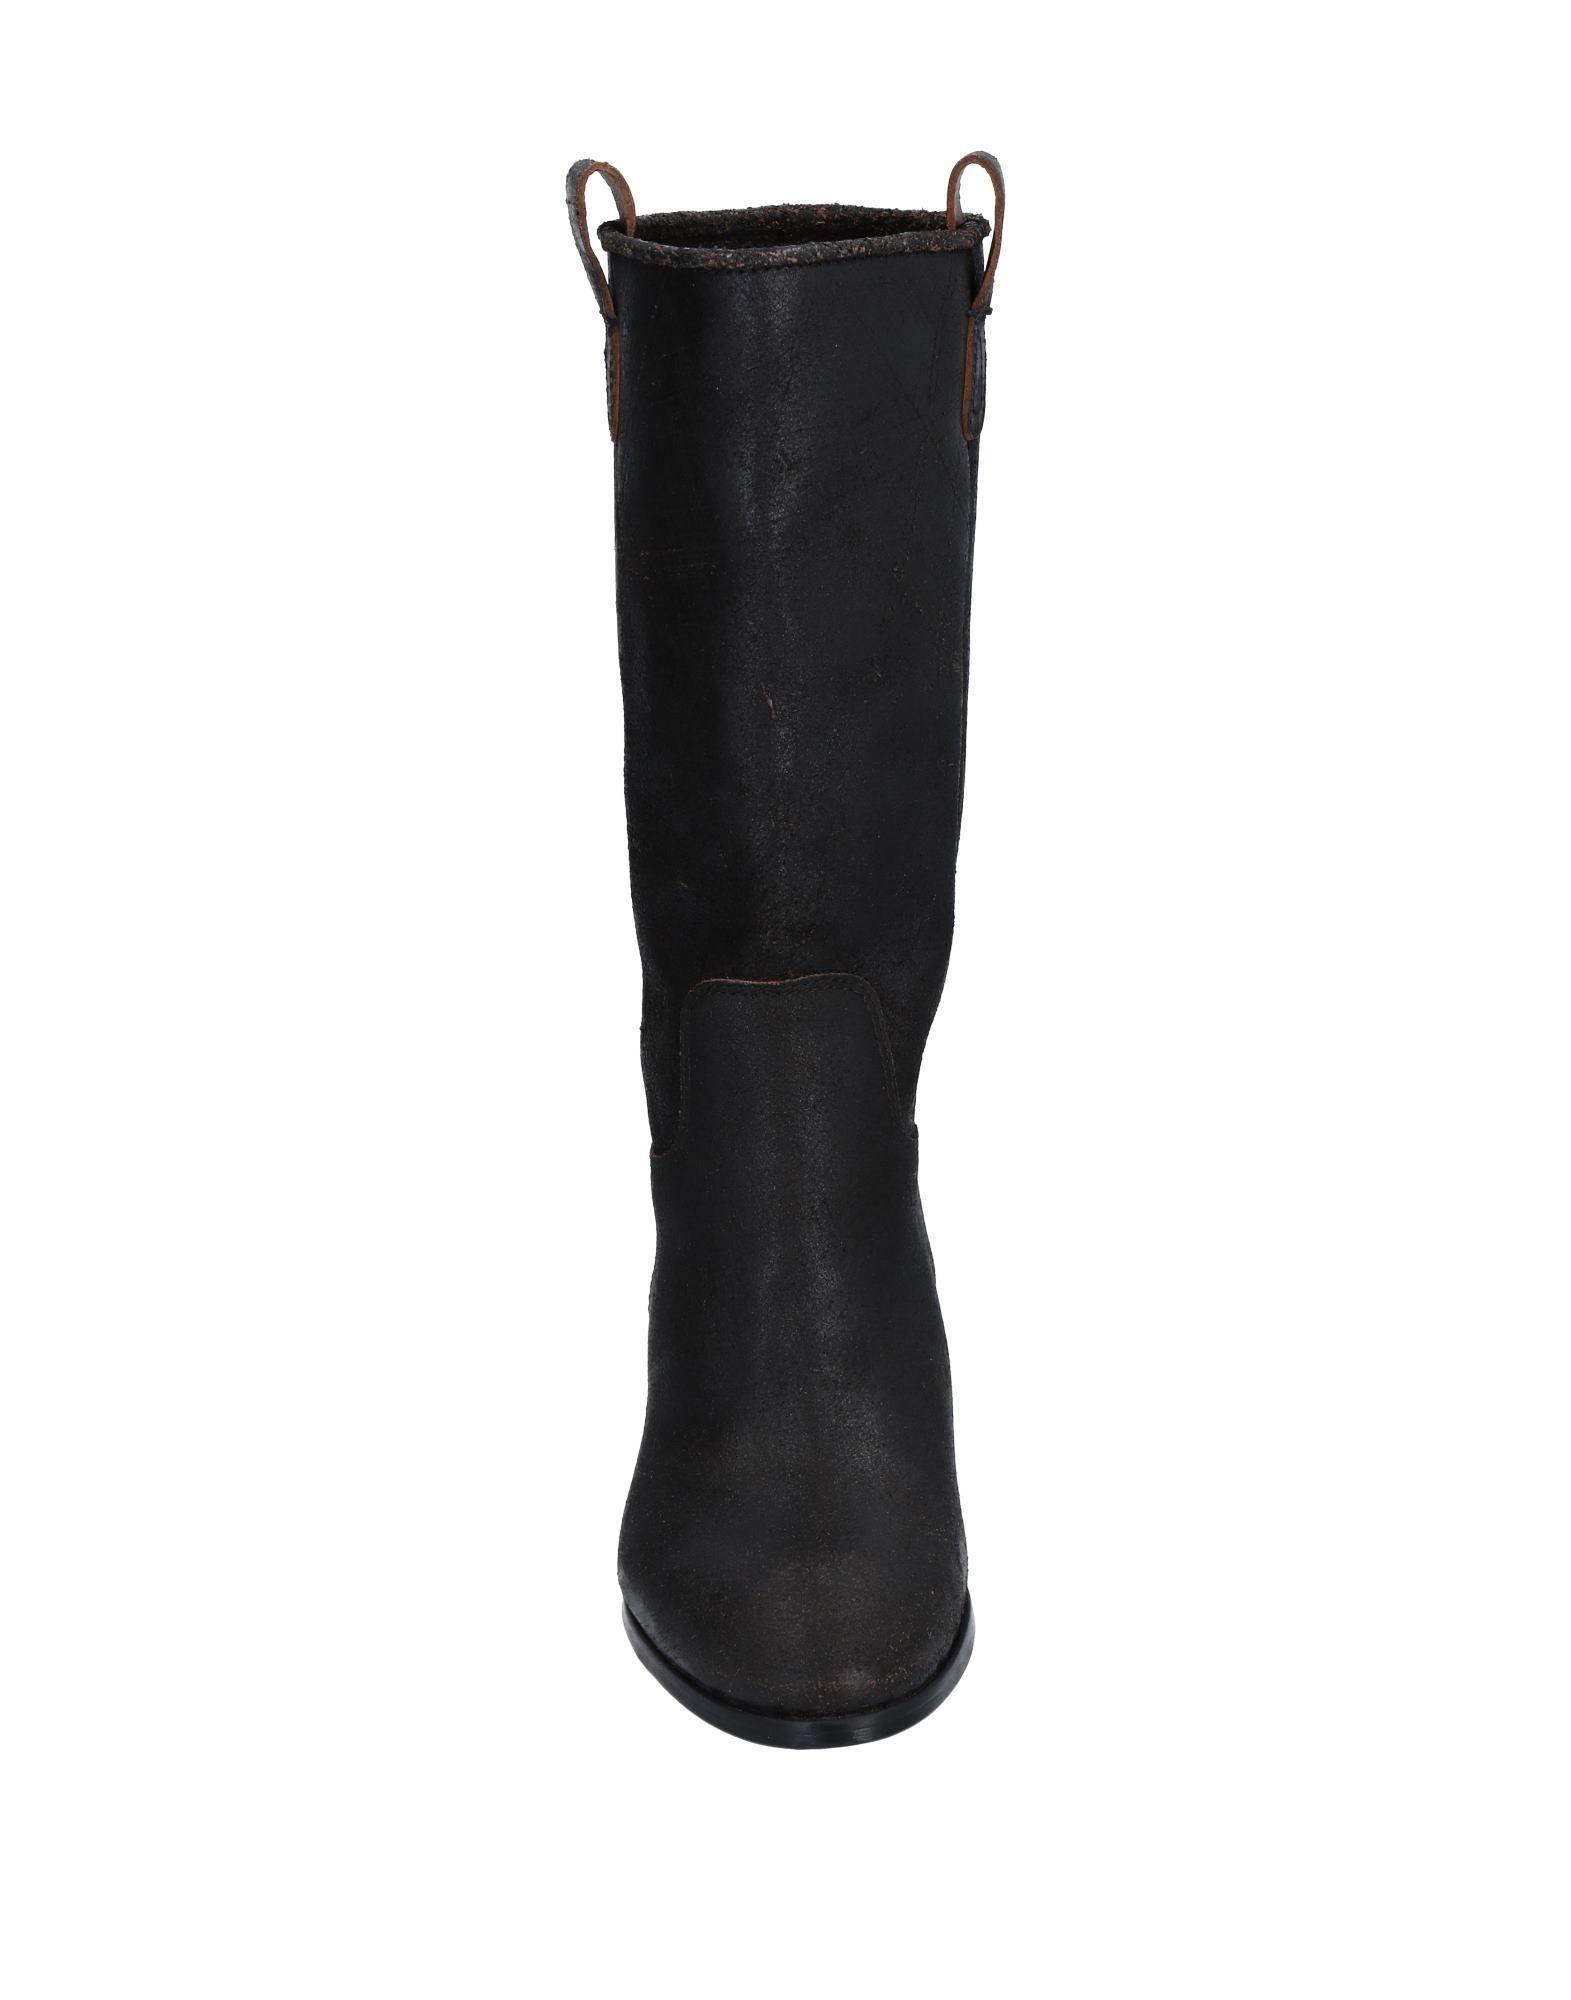 El Campero Stiefel Damen Gutes Preis-Leistungs-Verhältnis, es lohnt lohnt es sich a37648